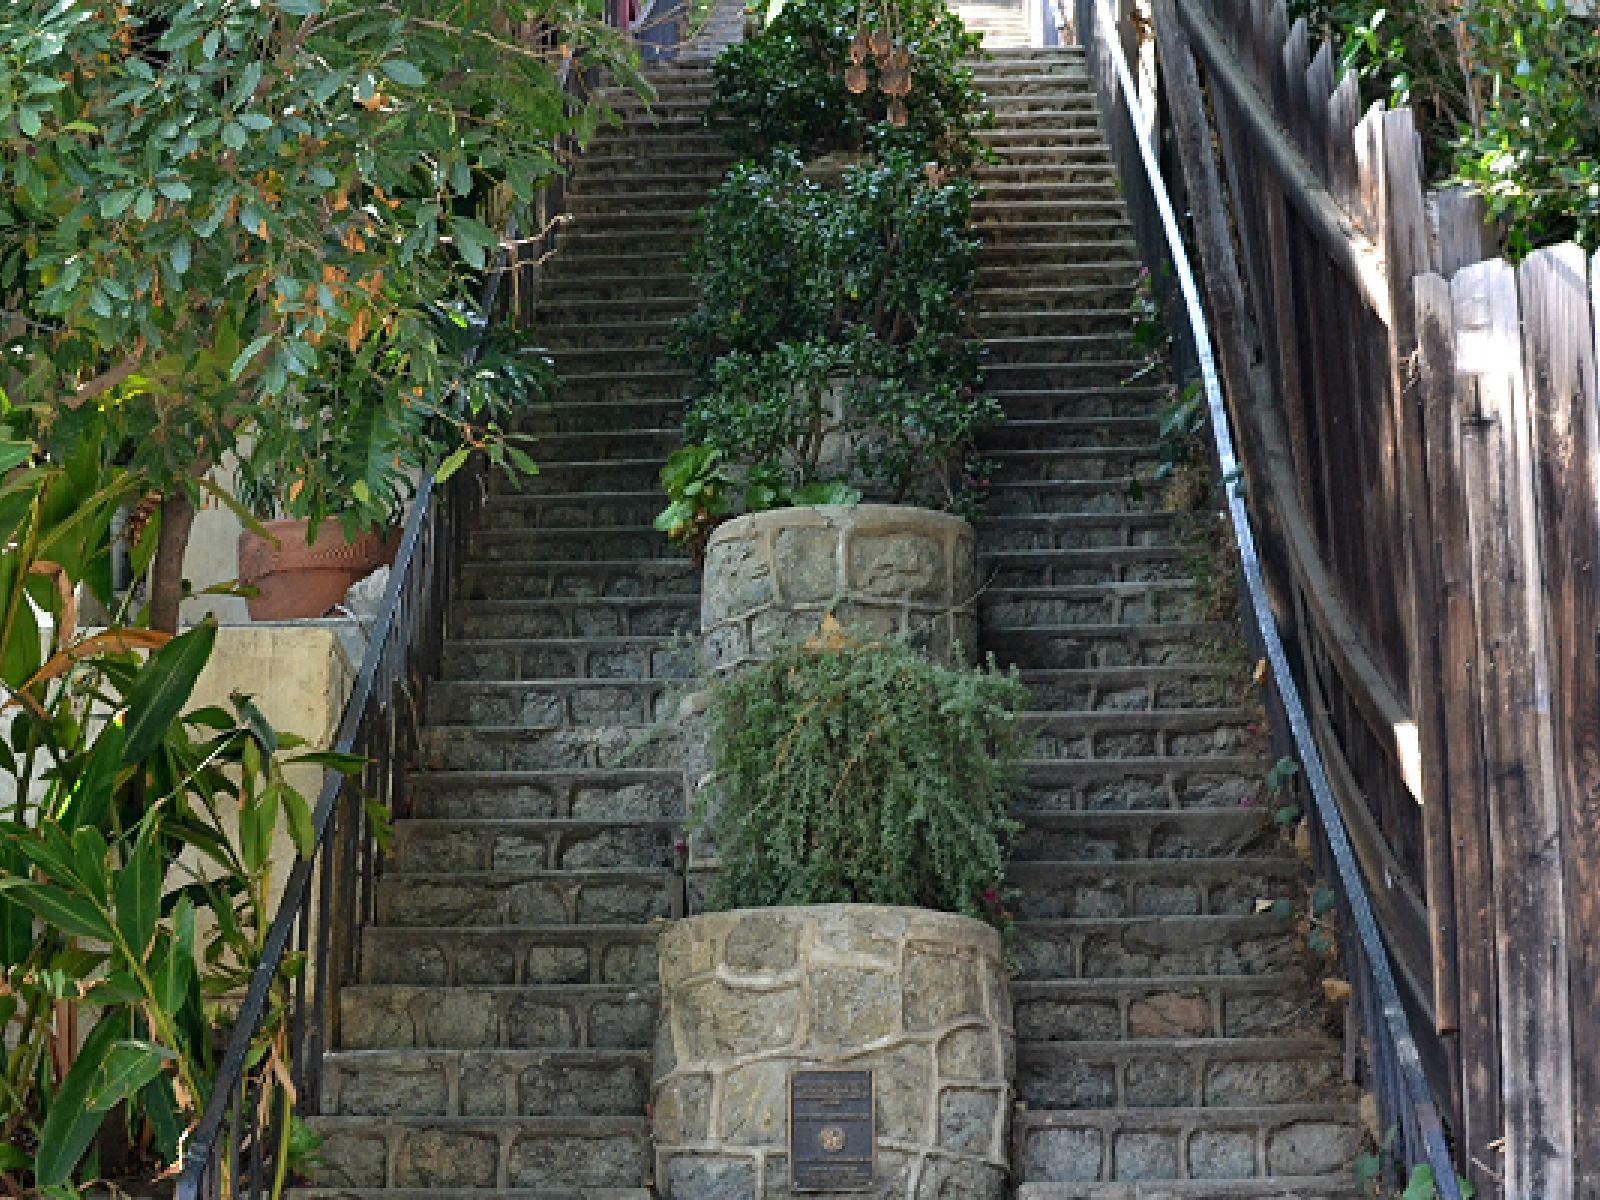 Main image for guide titled Descubre las Escaleras Ocultas de Los Ángeles